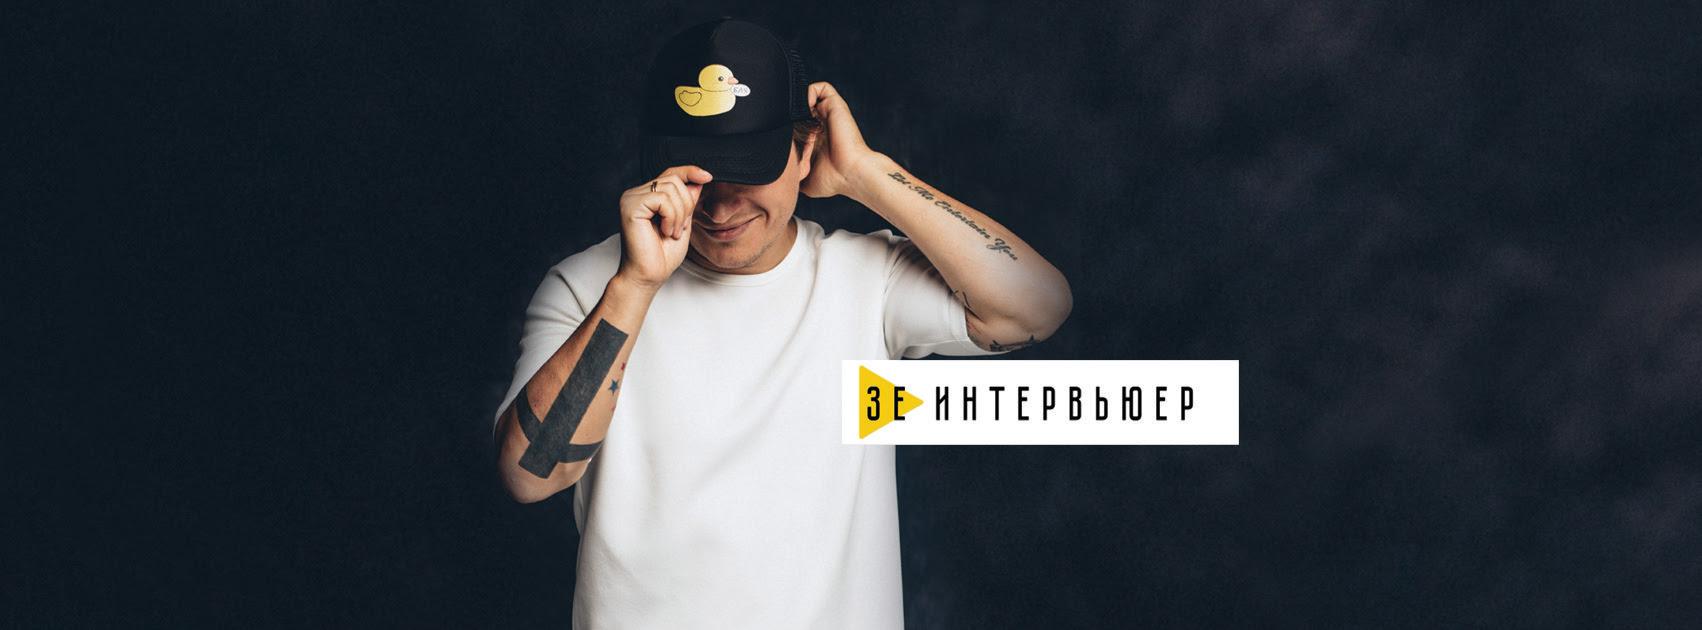 Анатолій Анатоліч випустив модну колаборацію з брендом Staff Clothes